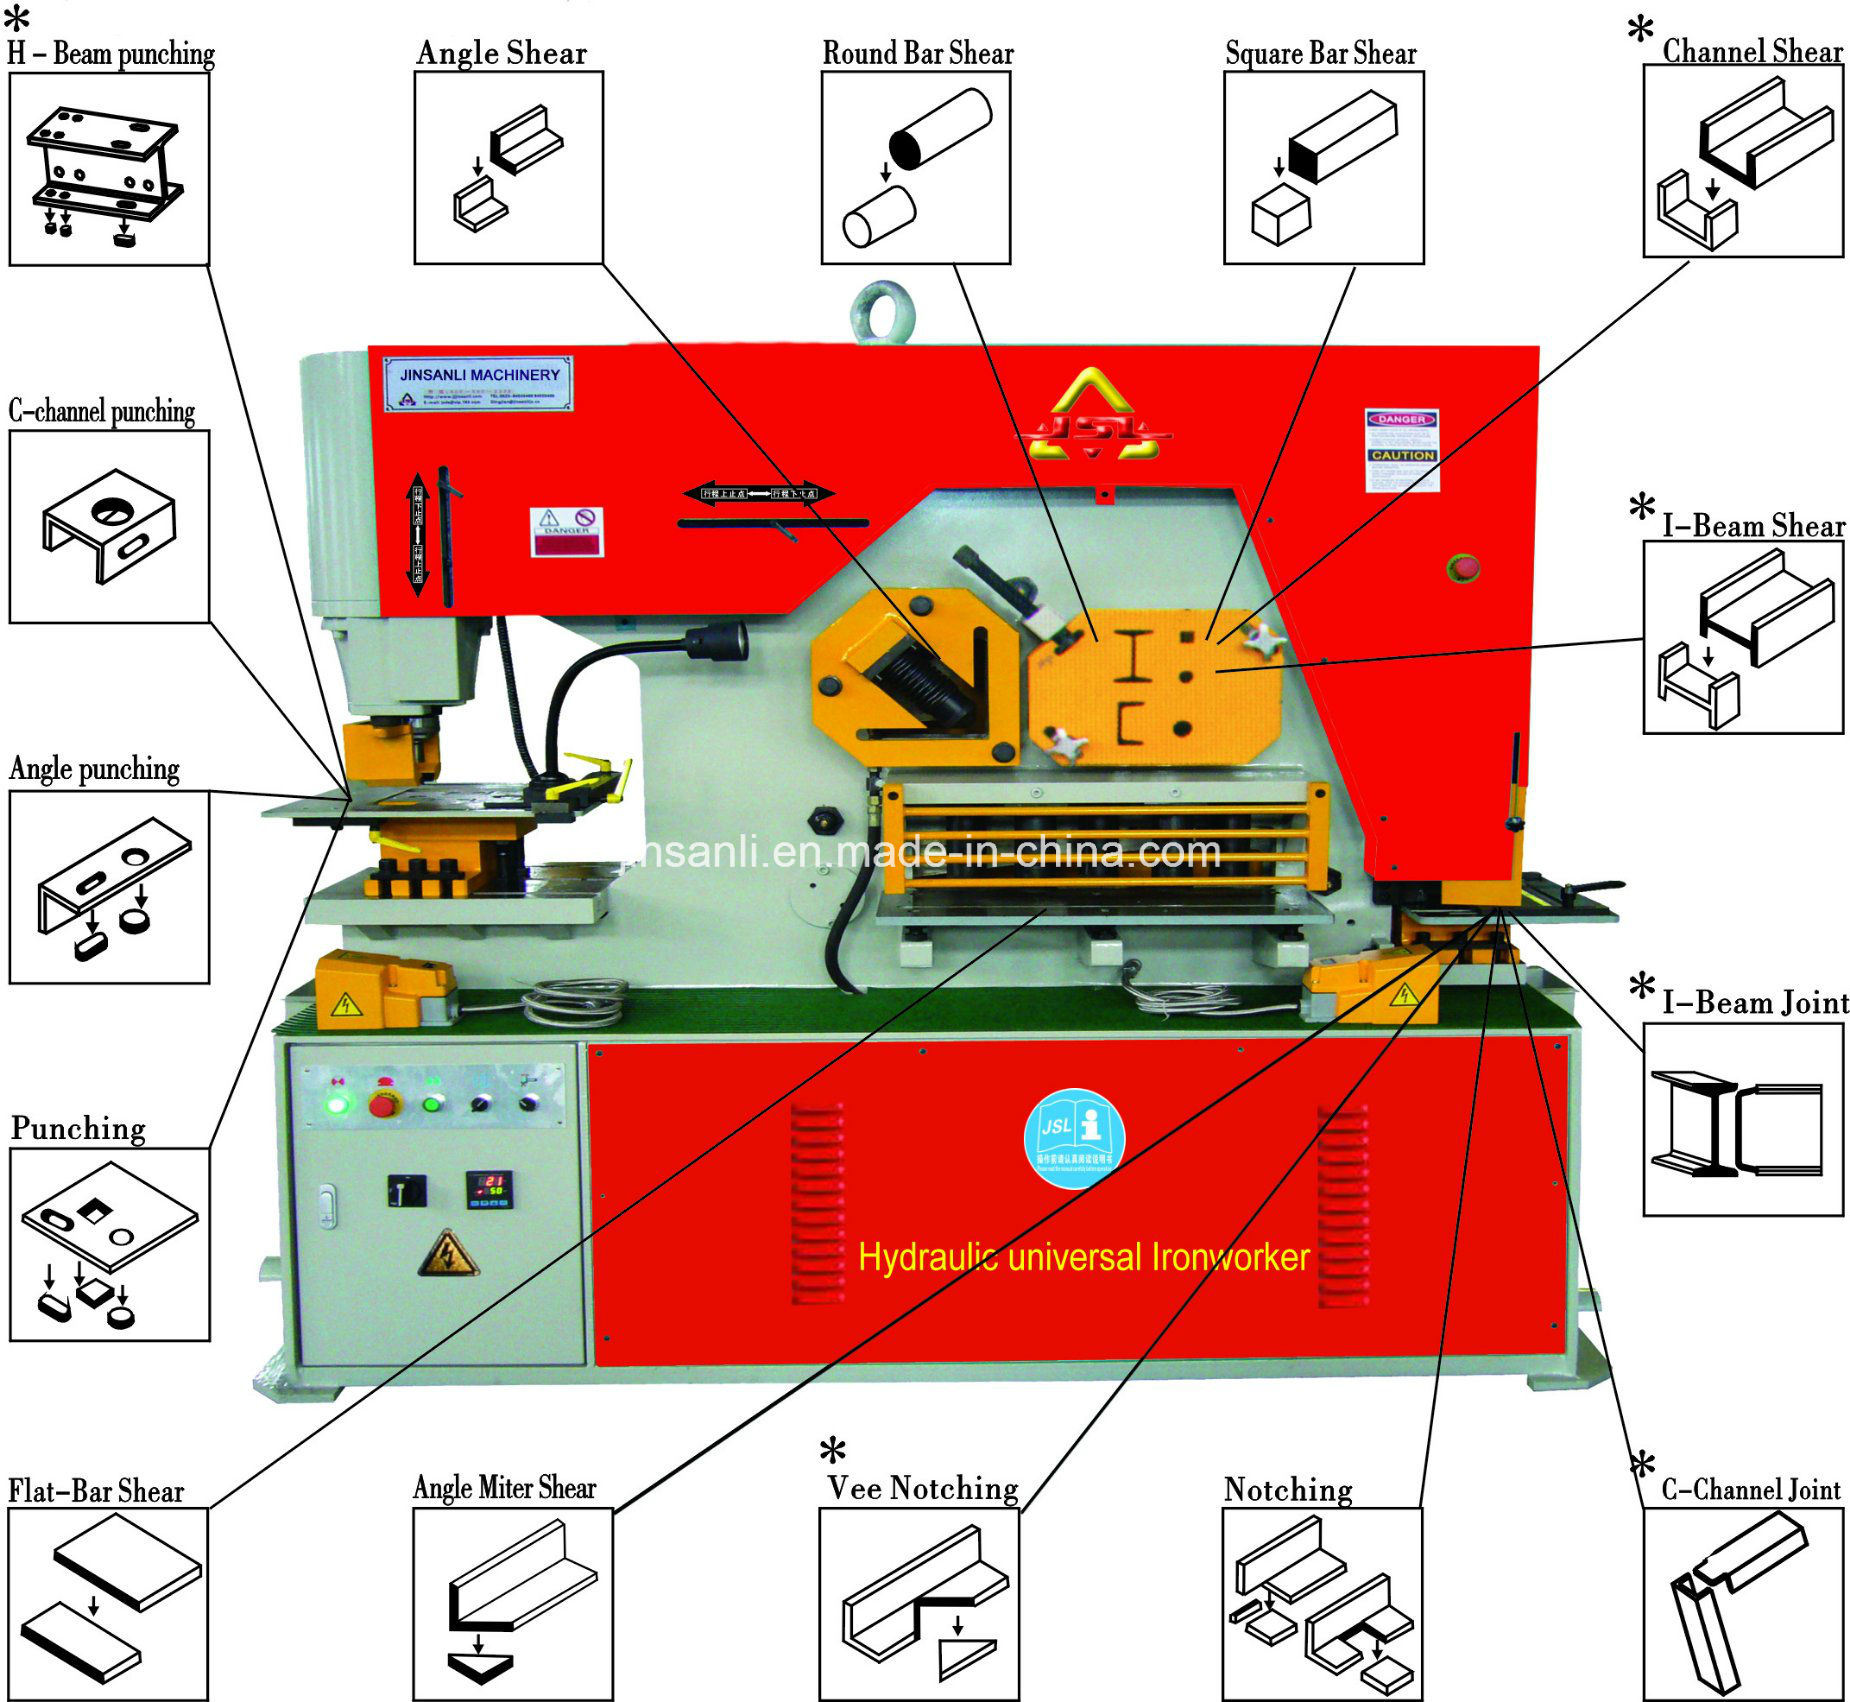 Shanghai Jinsanli Diw Series Automatic Press Machines